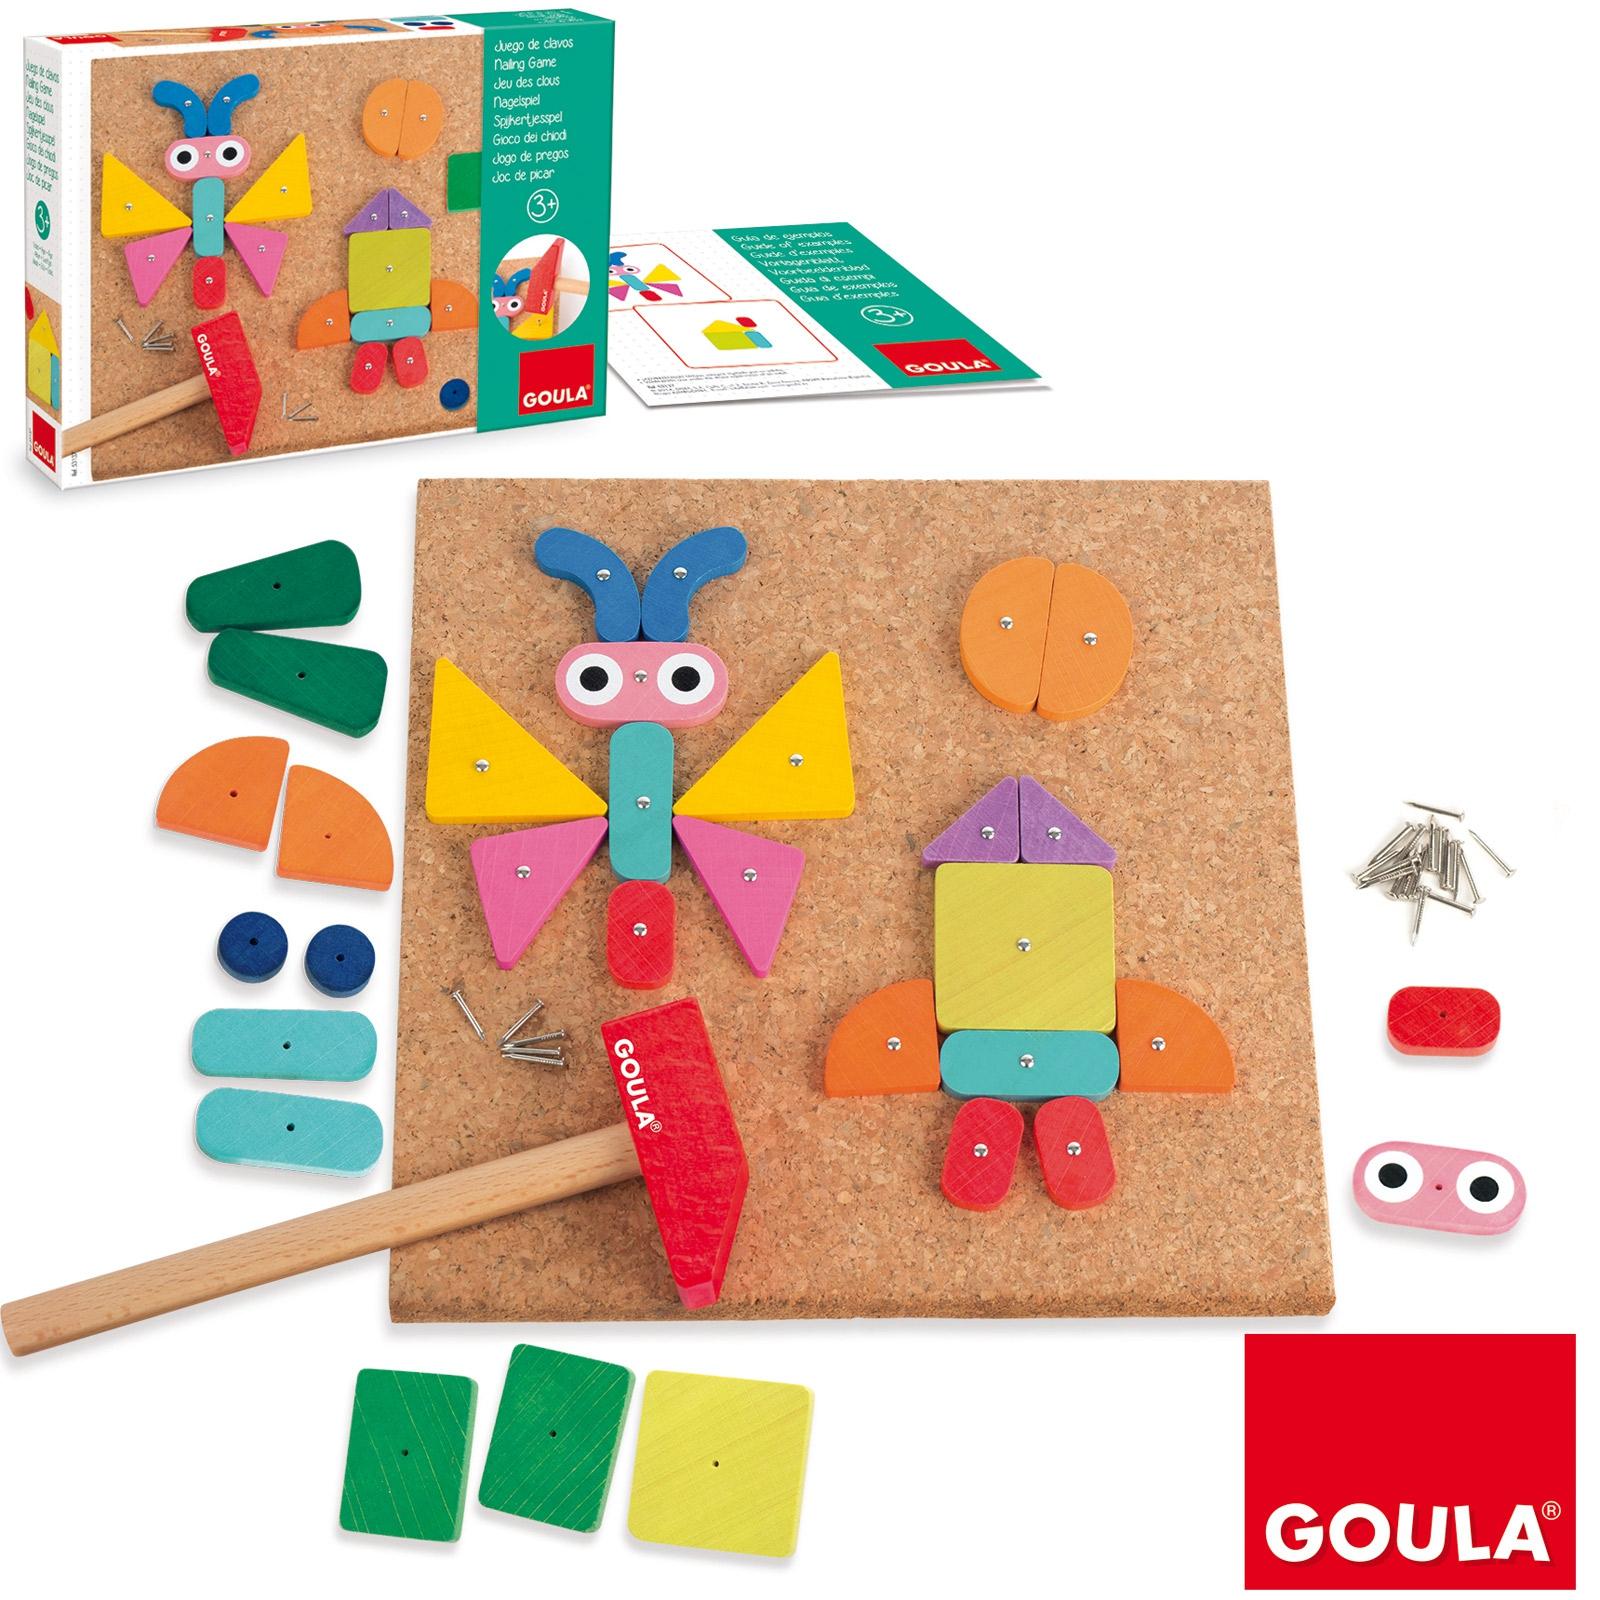 Idées Cadeaux Montessori Pour Enfants De 18 Mois À 3 Ans encequiconcerne Jeux Pour Garcon De 3 Ans